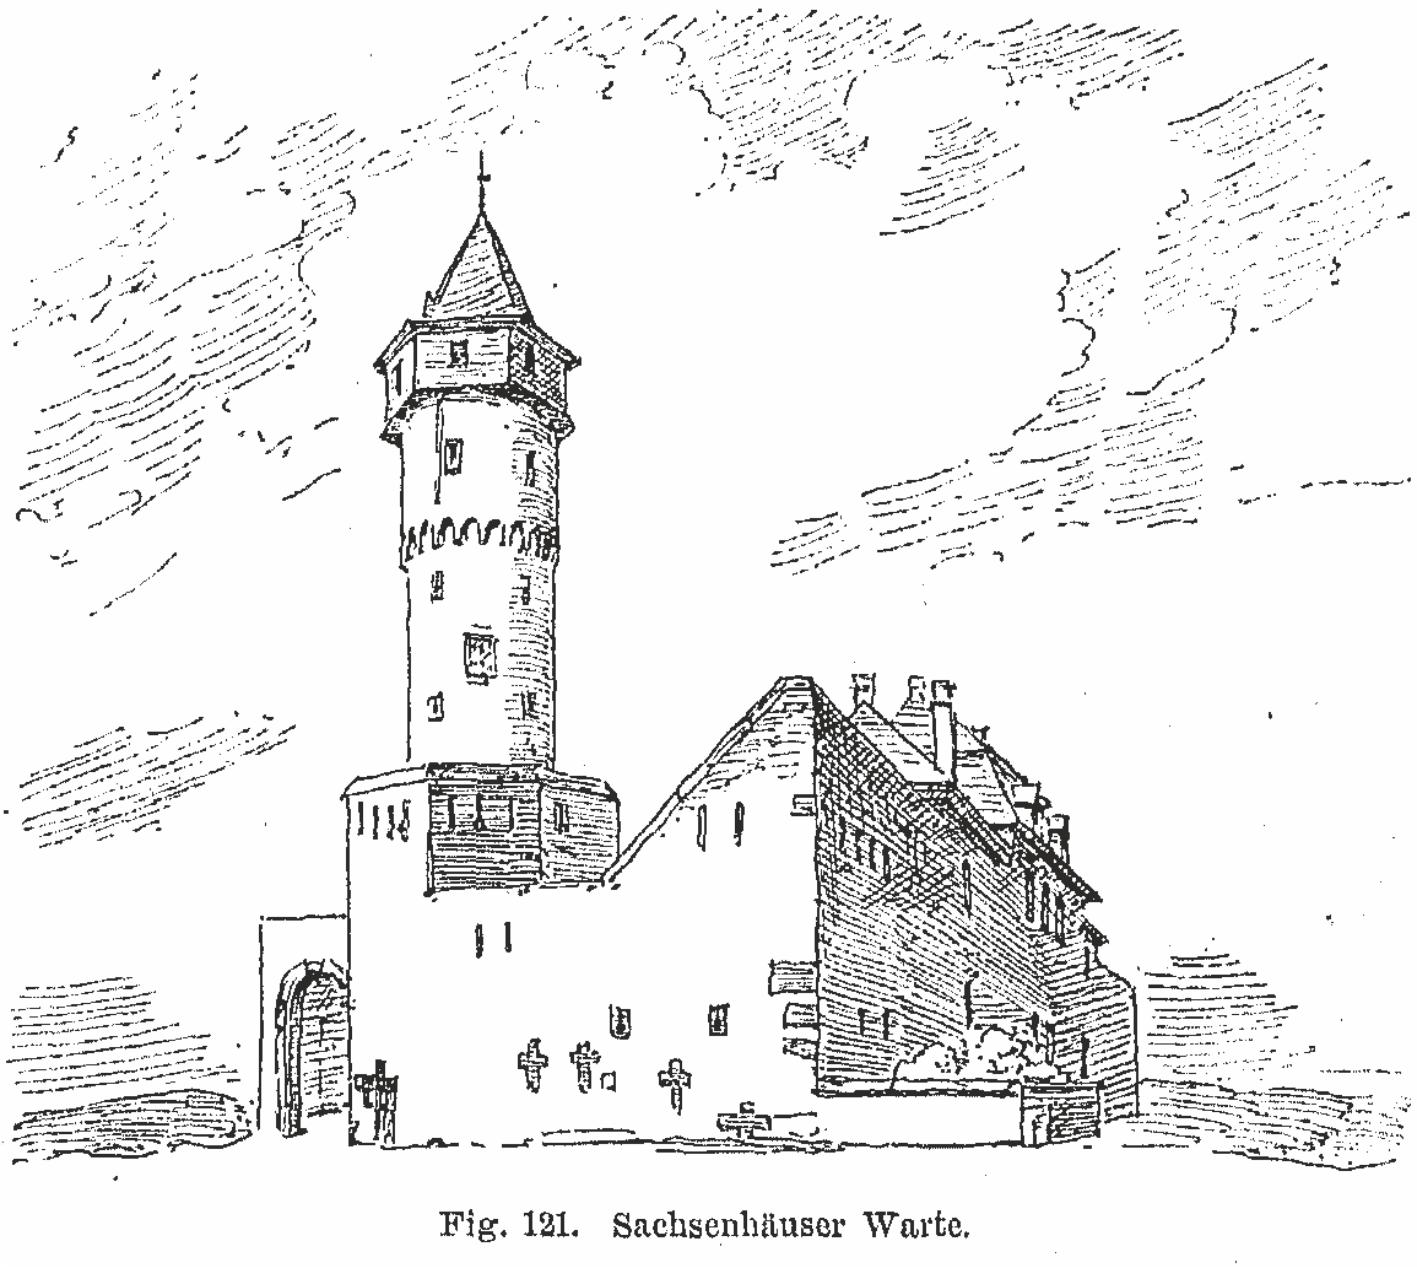 Sachsenhäuser Warte – Zeichnung1